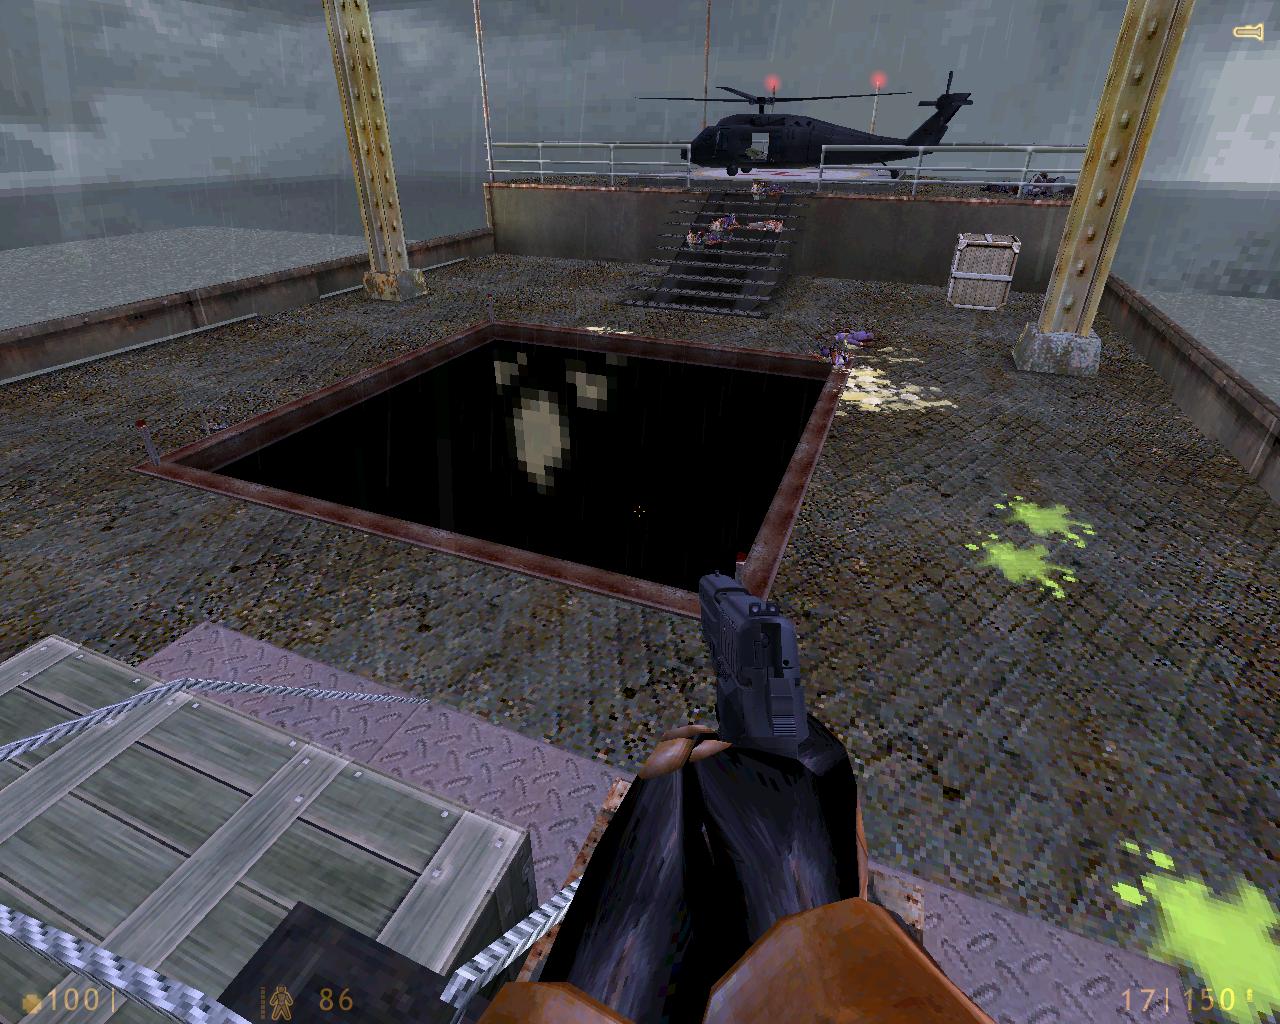 pcsm5d0143.png - Half-Life